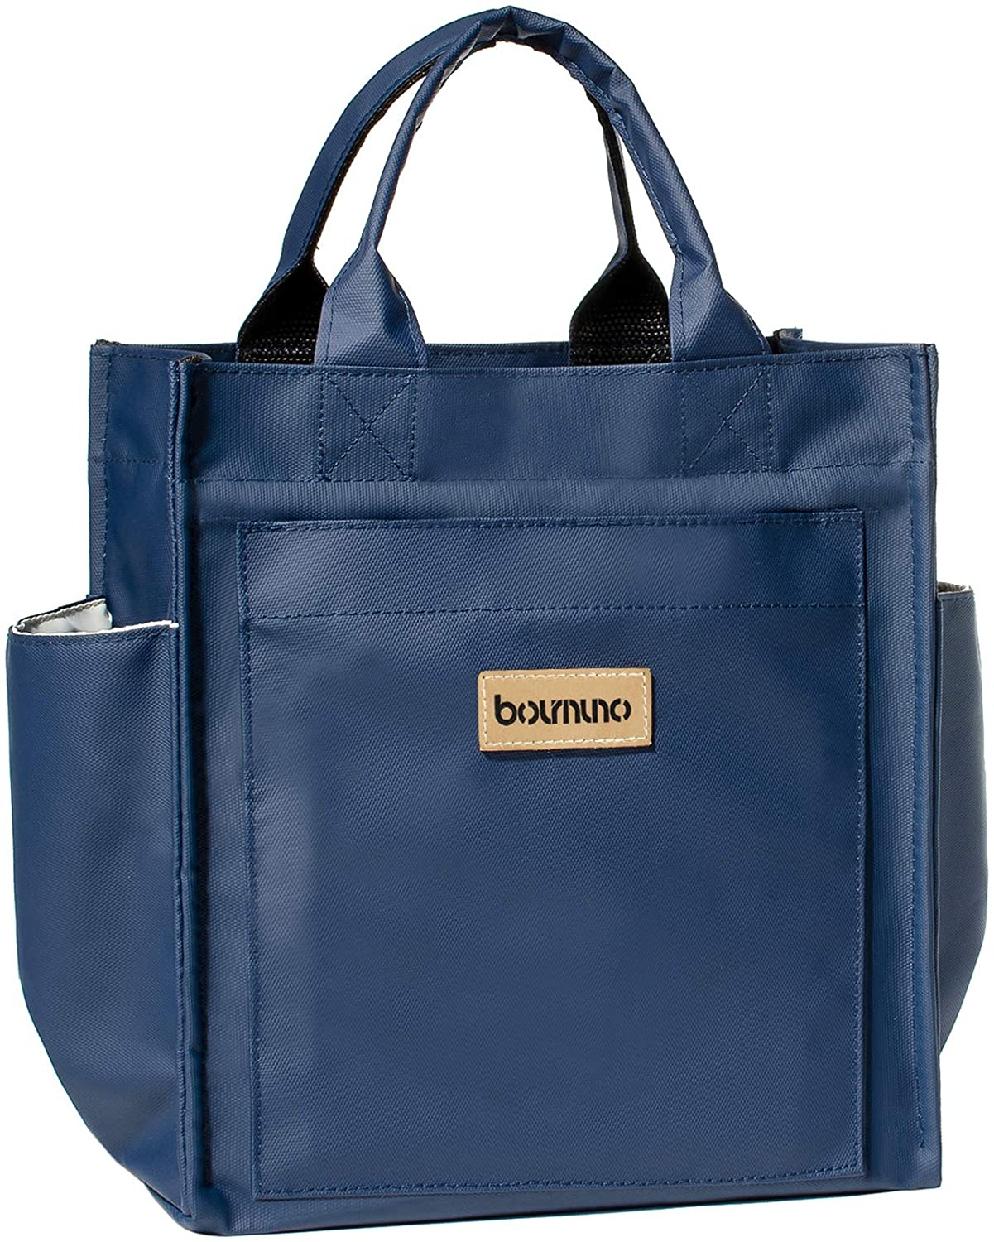 Boumuno(ボウムノ)ランチバッグ ブルーの商品画像